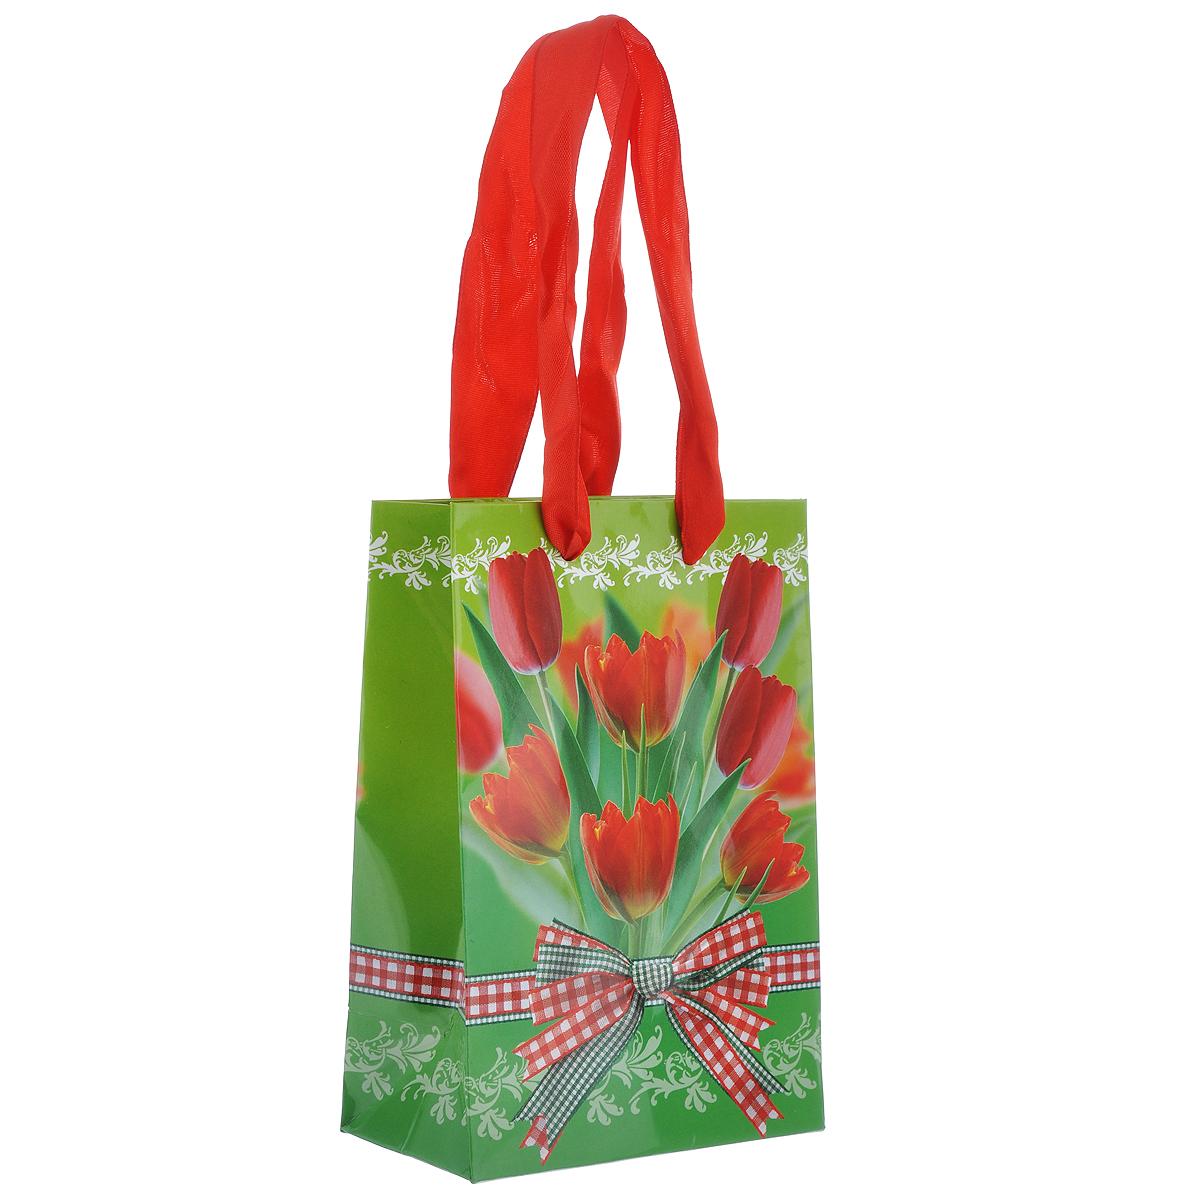 Пакет подарочный Тюльпаны, 10 х 15 х 6 см4610009210117Подарочный пакет Тюльпаны выполнен из плотной ламинированной бумаги с красочным цветочным рисунком. Дизайн очень яркий и заряжает весенним настроением. Дно изделия укреплено плотным картоном, который позволяет сохранить форму пакета и исключает возможность деформации под тяжестью подарка. Для удобной переноски на пакете имеются две атласные ручки.Подарок, преподнесенный в оригинальной упаковке, всегда будет самым эффектным и запоминающимся. Окружите близких людей вниманием и заботой, вручив презент в нарядном, праздничном оформлении.